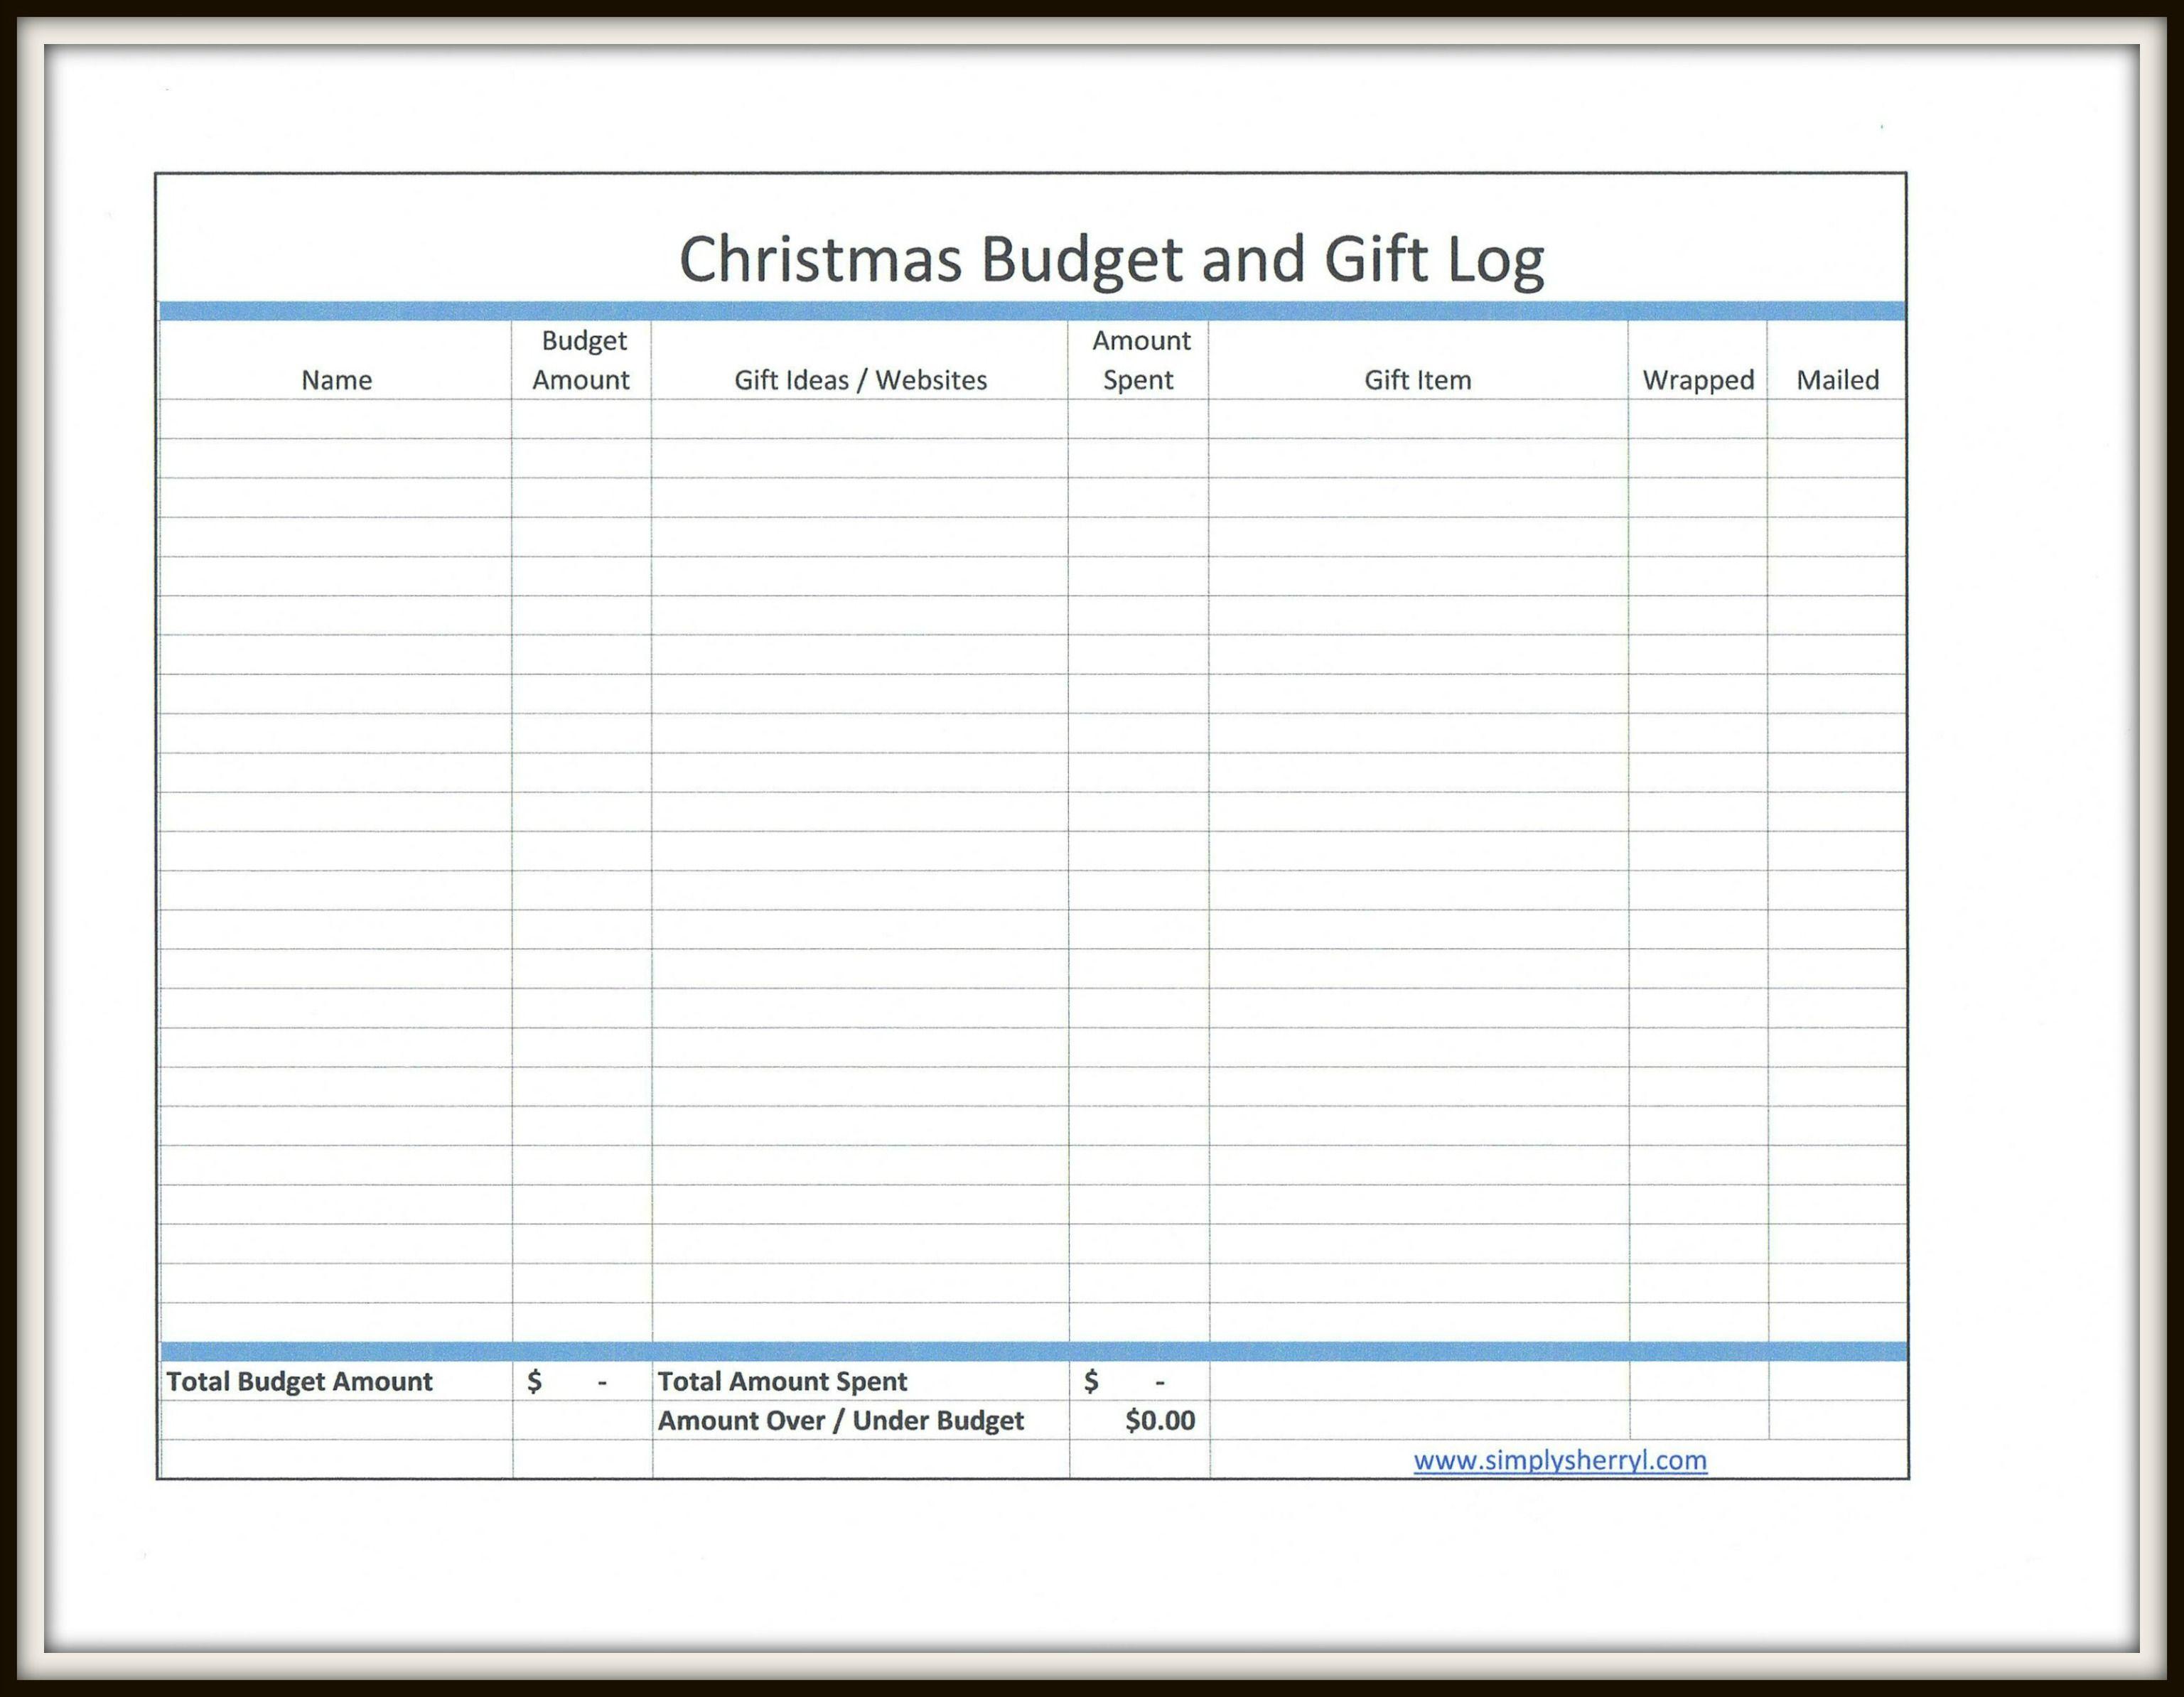 Free Christmas Budget And T Log